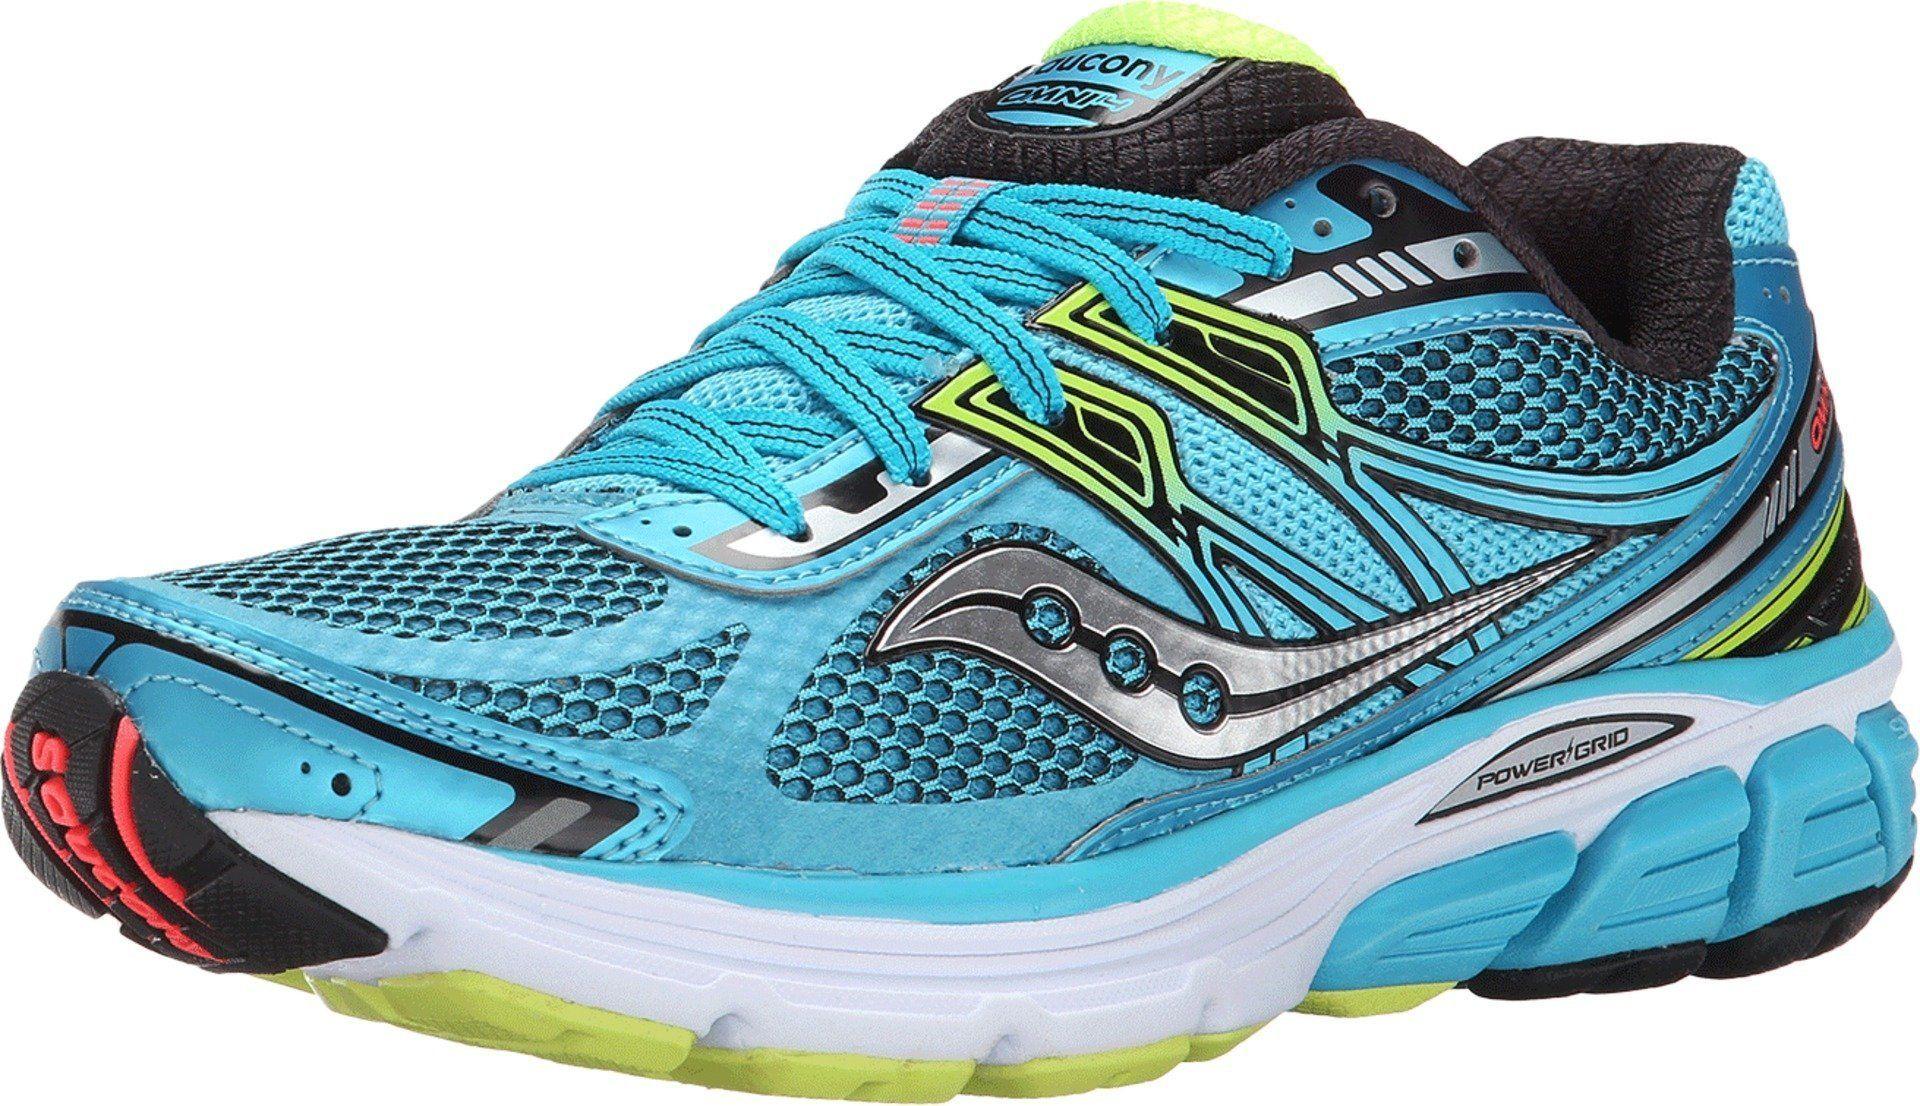 wholesale dealer 2e7d5 ec99b les chaussures de de de sport nike taille des hommes de couleur en toile de  style 8d2eb0